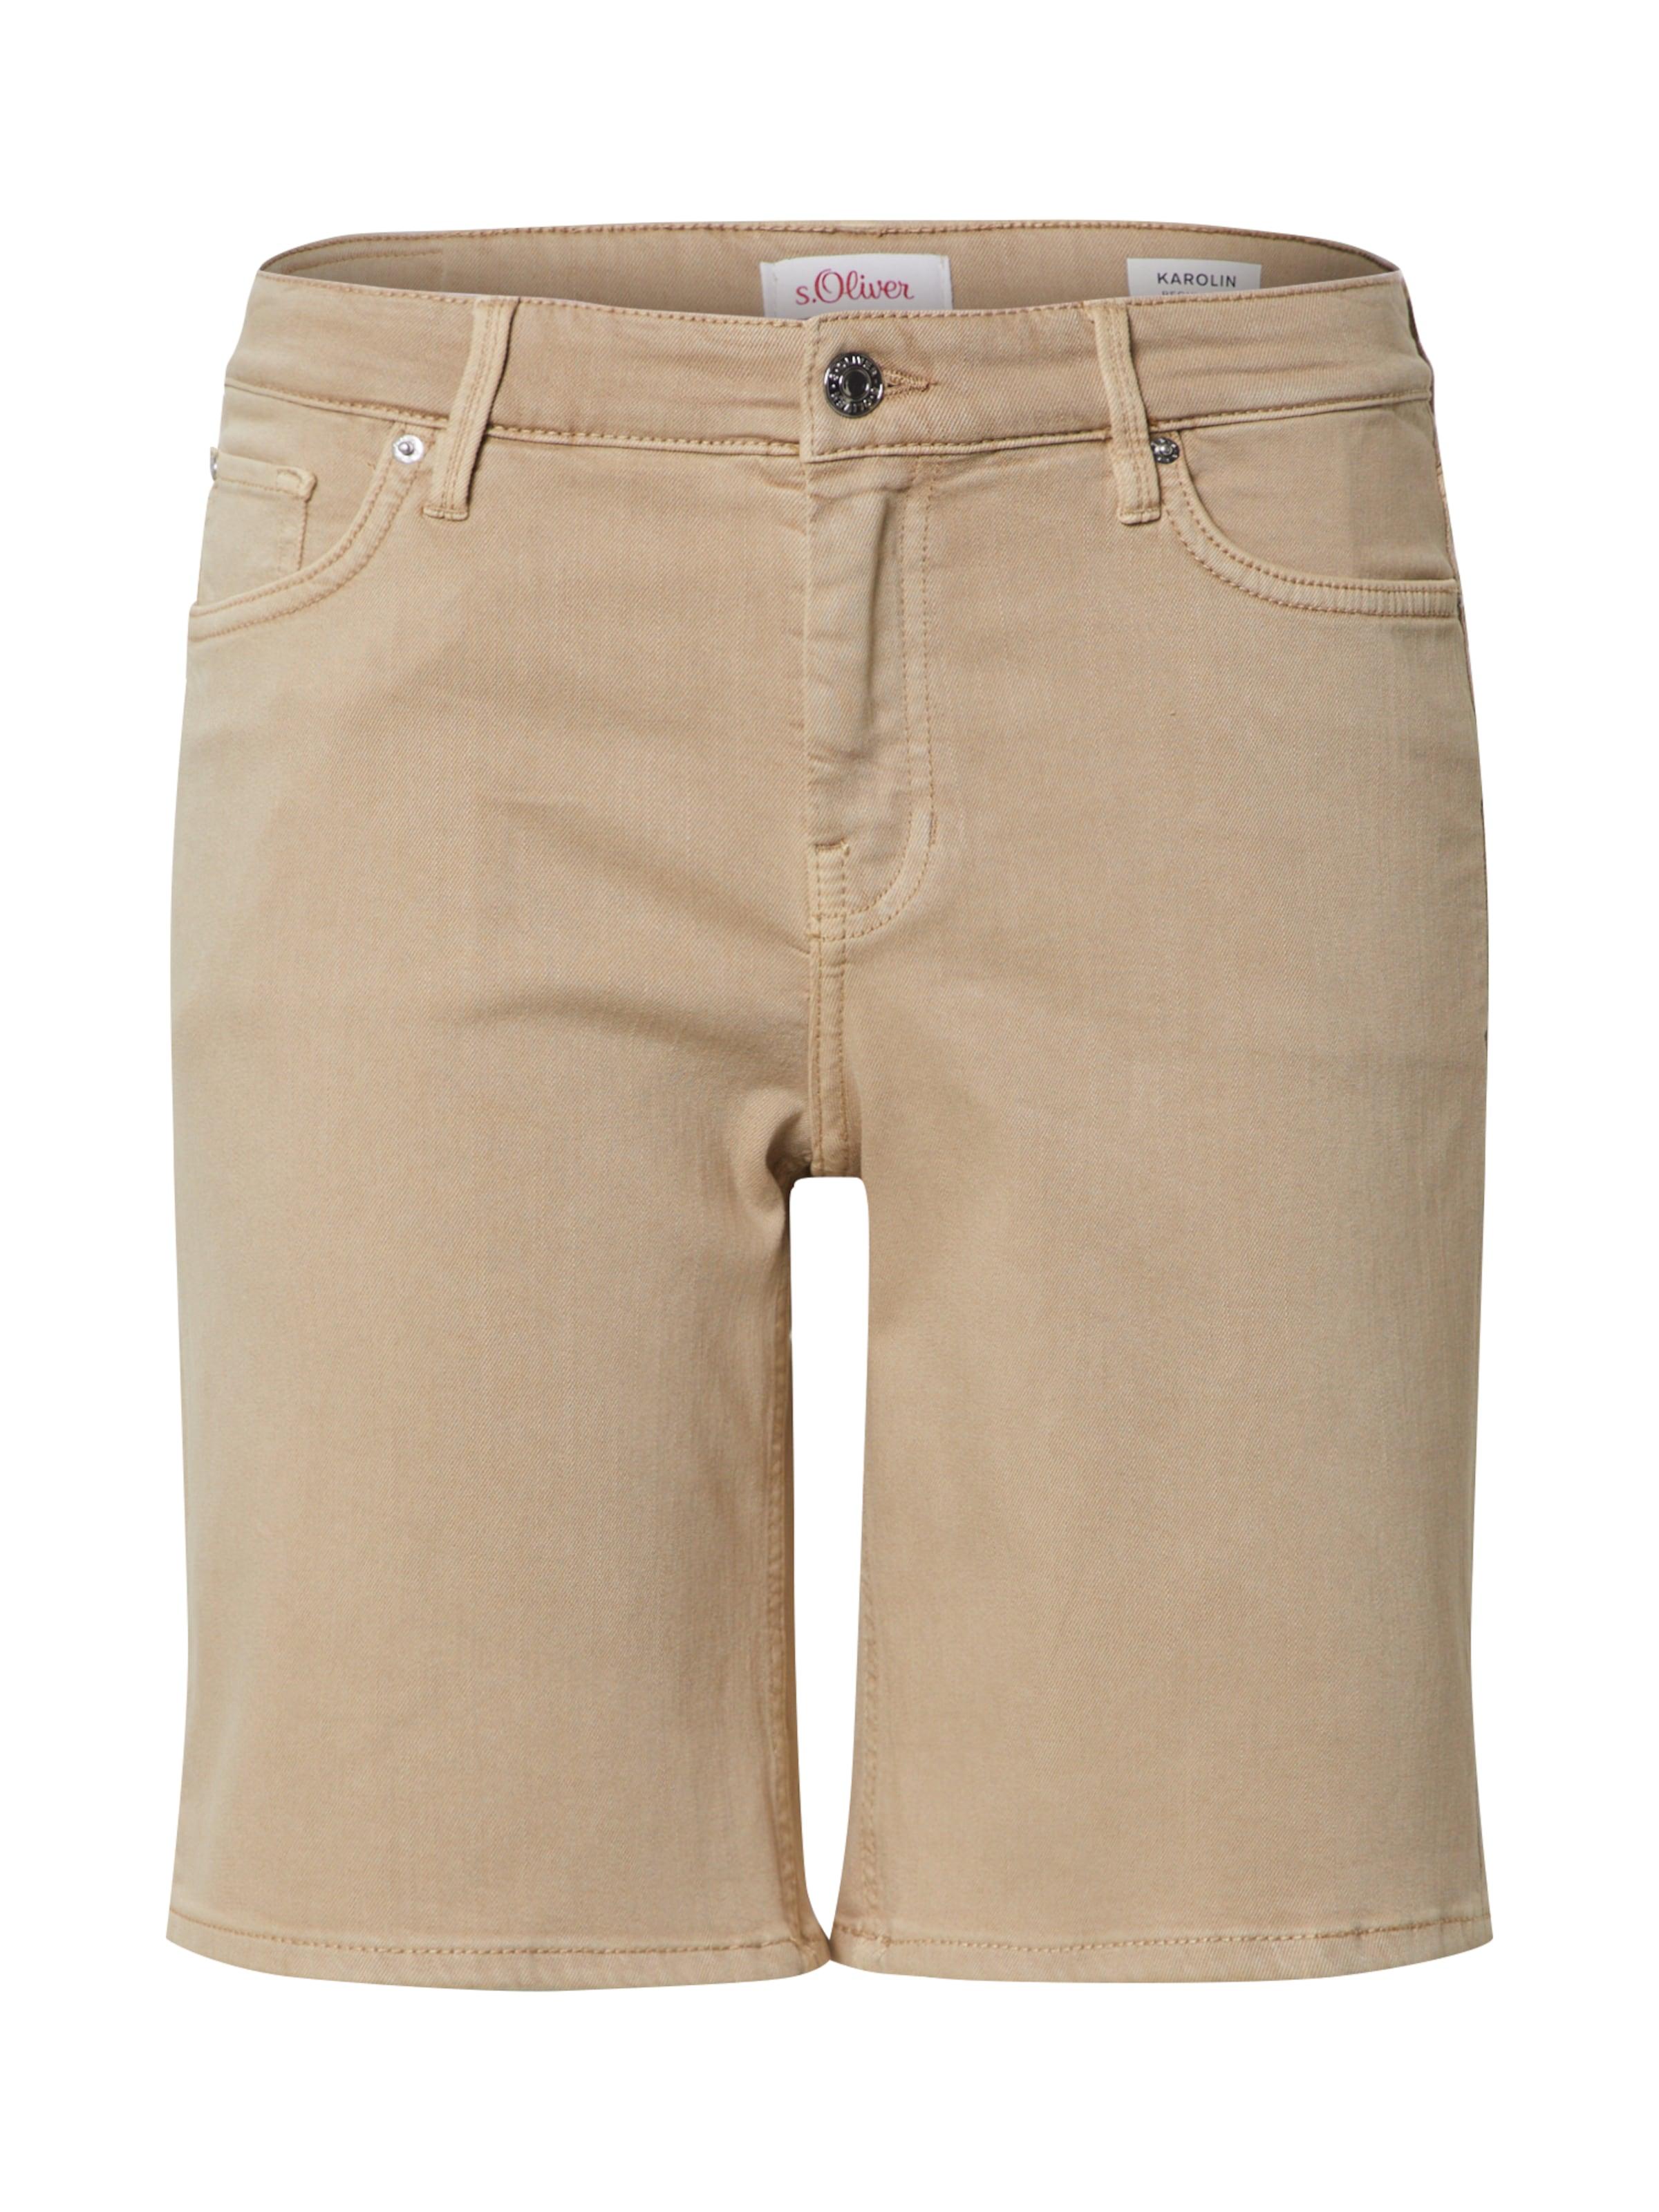 s.Oliver Shorts 'Karolin' in beige / braun